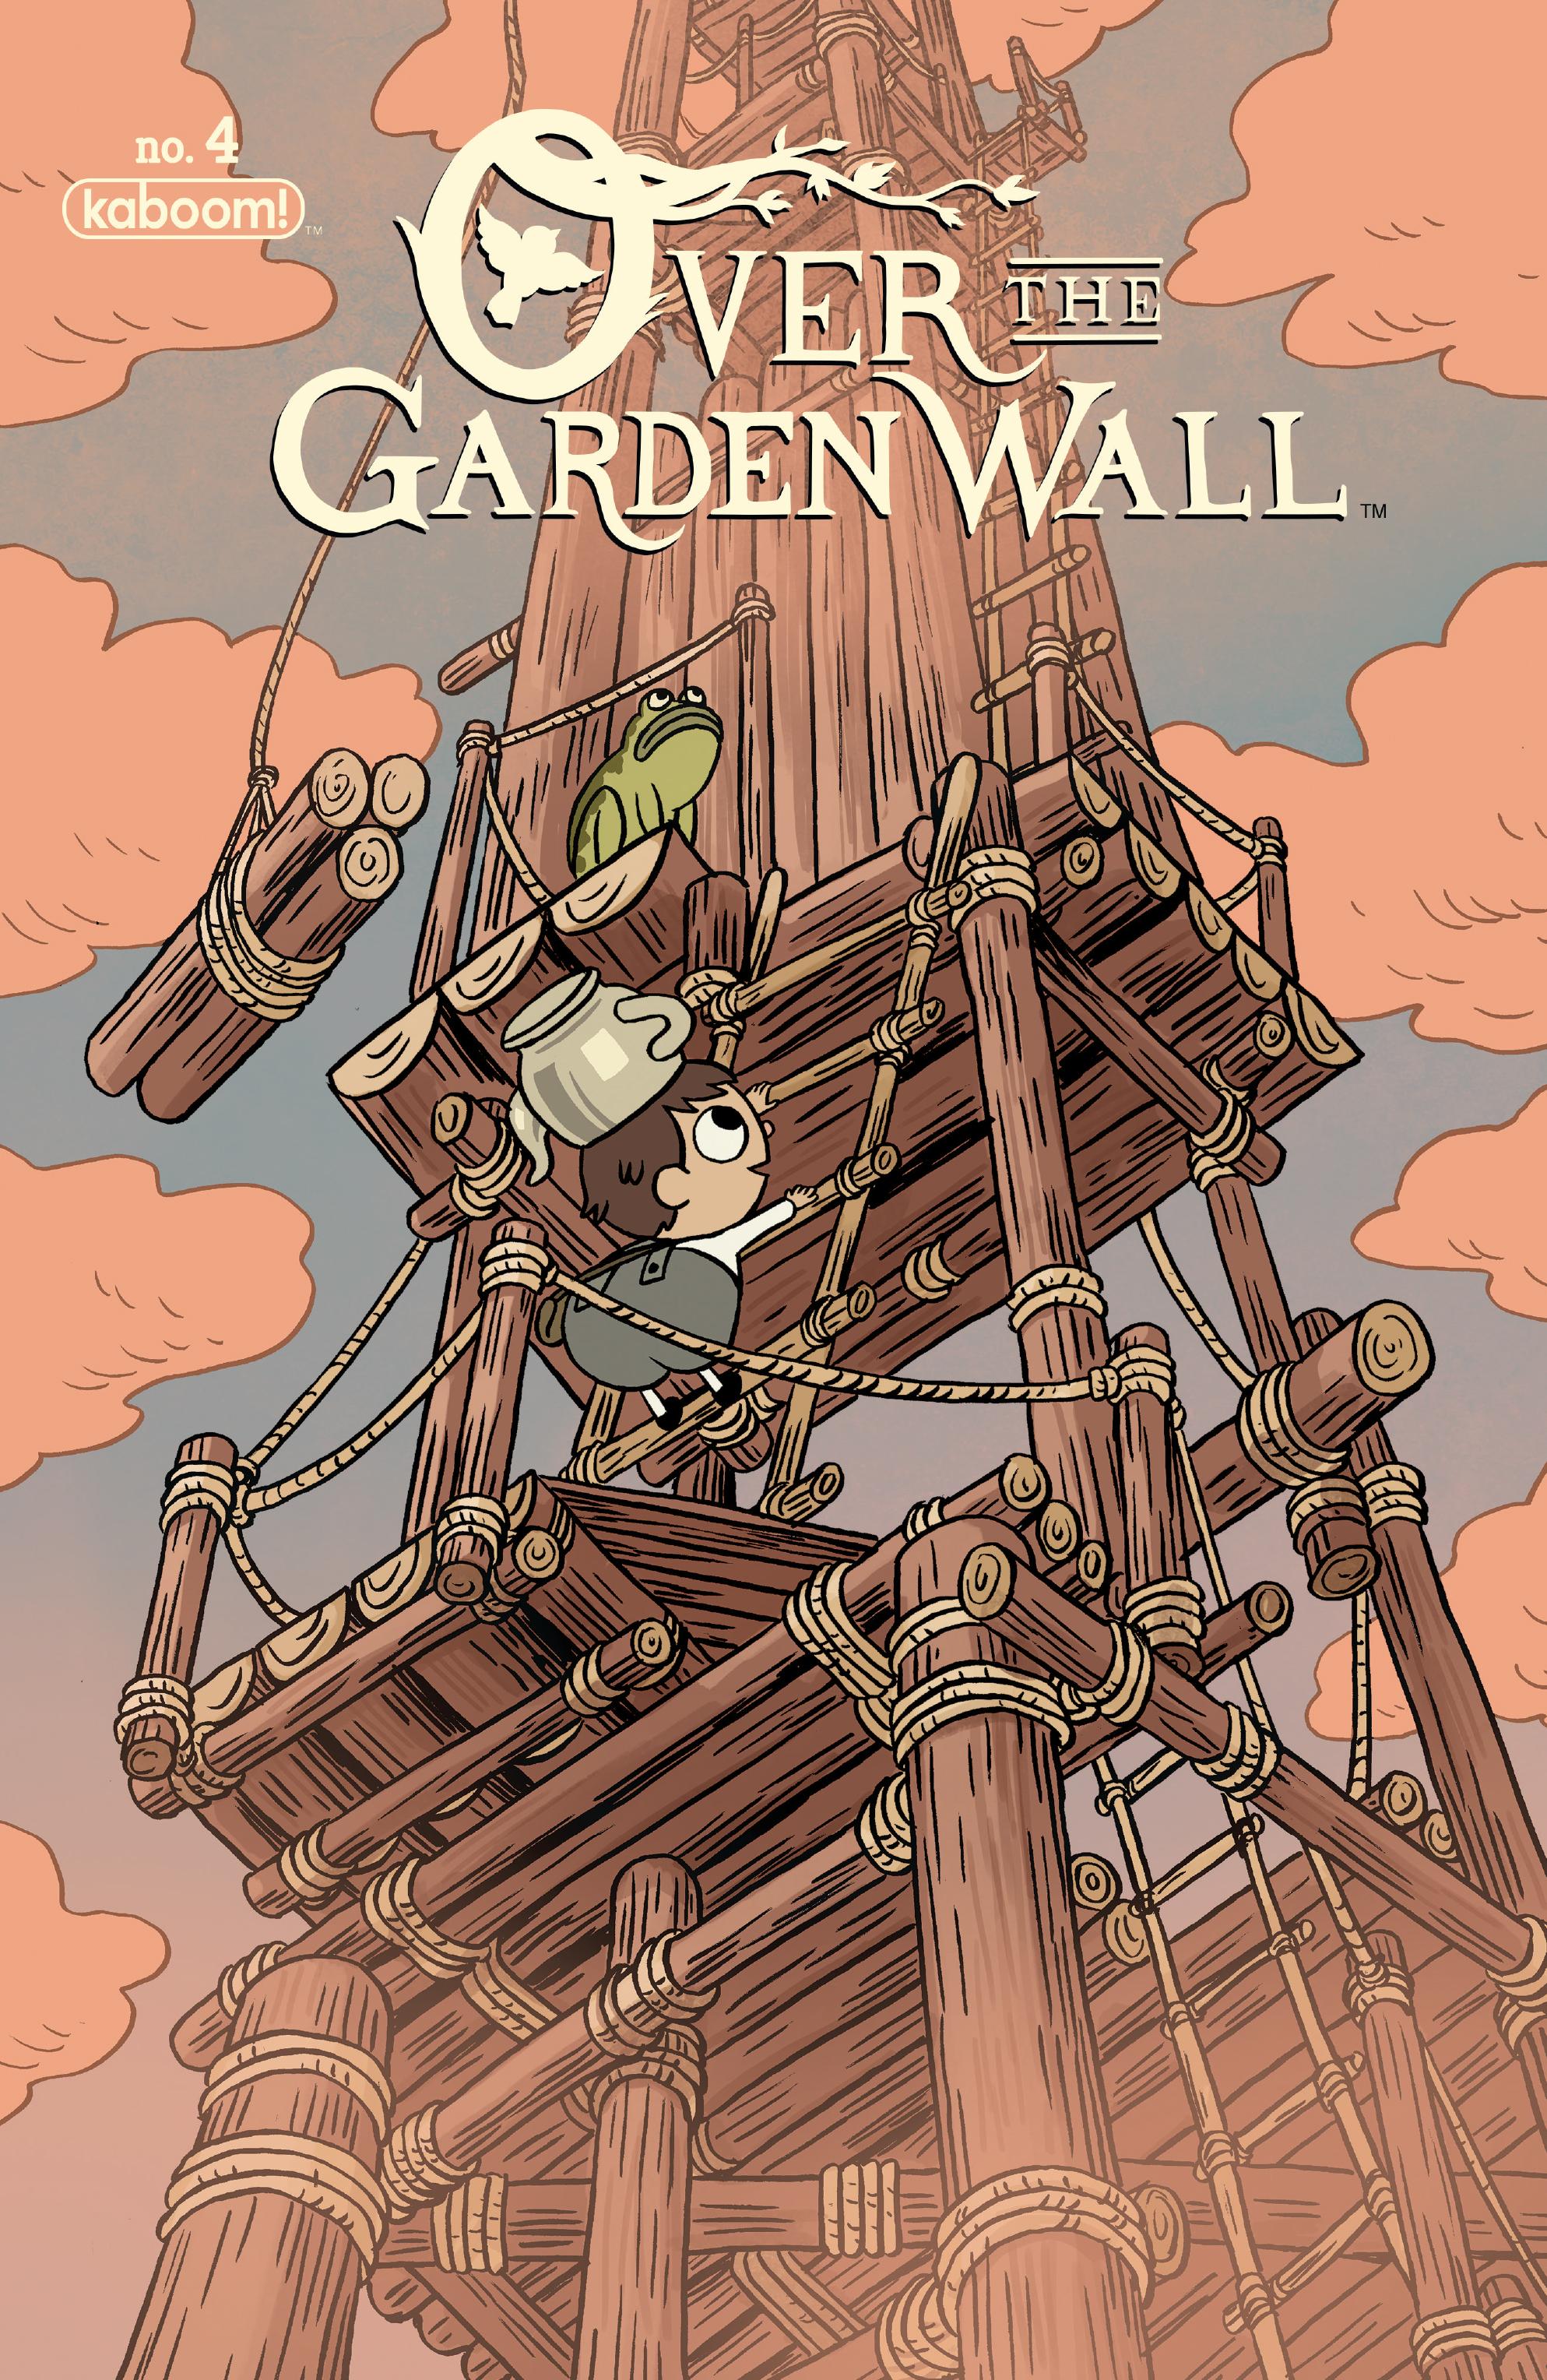 Pin de Pequeñita en Over the Garden Wall Más allá del